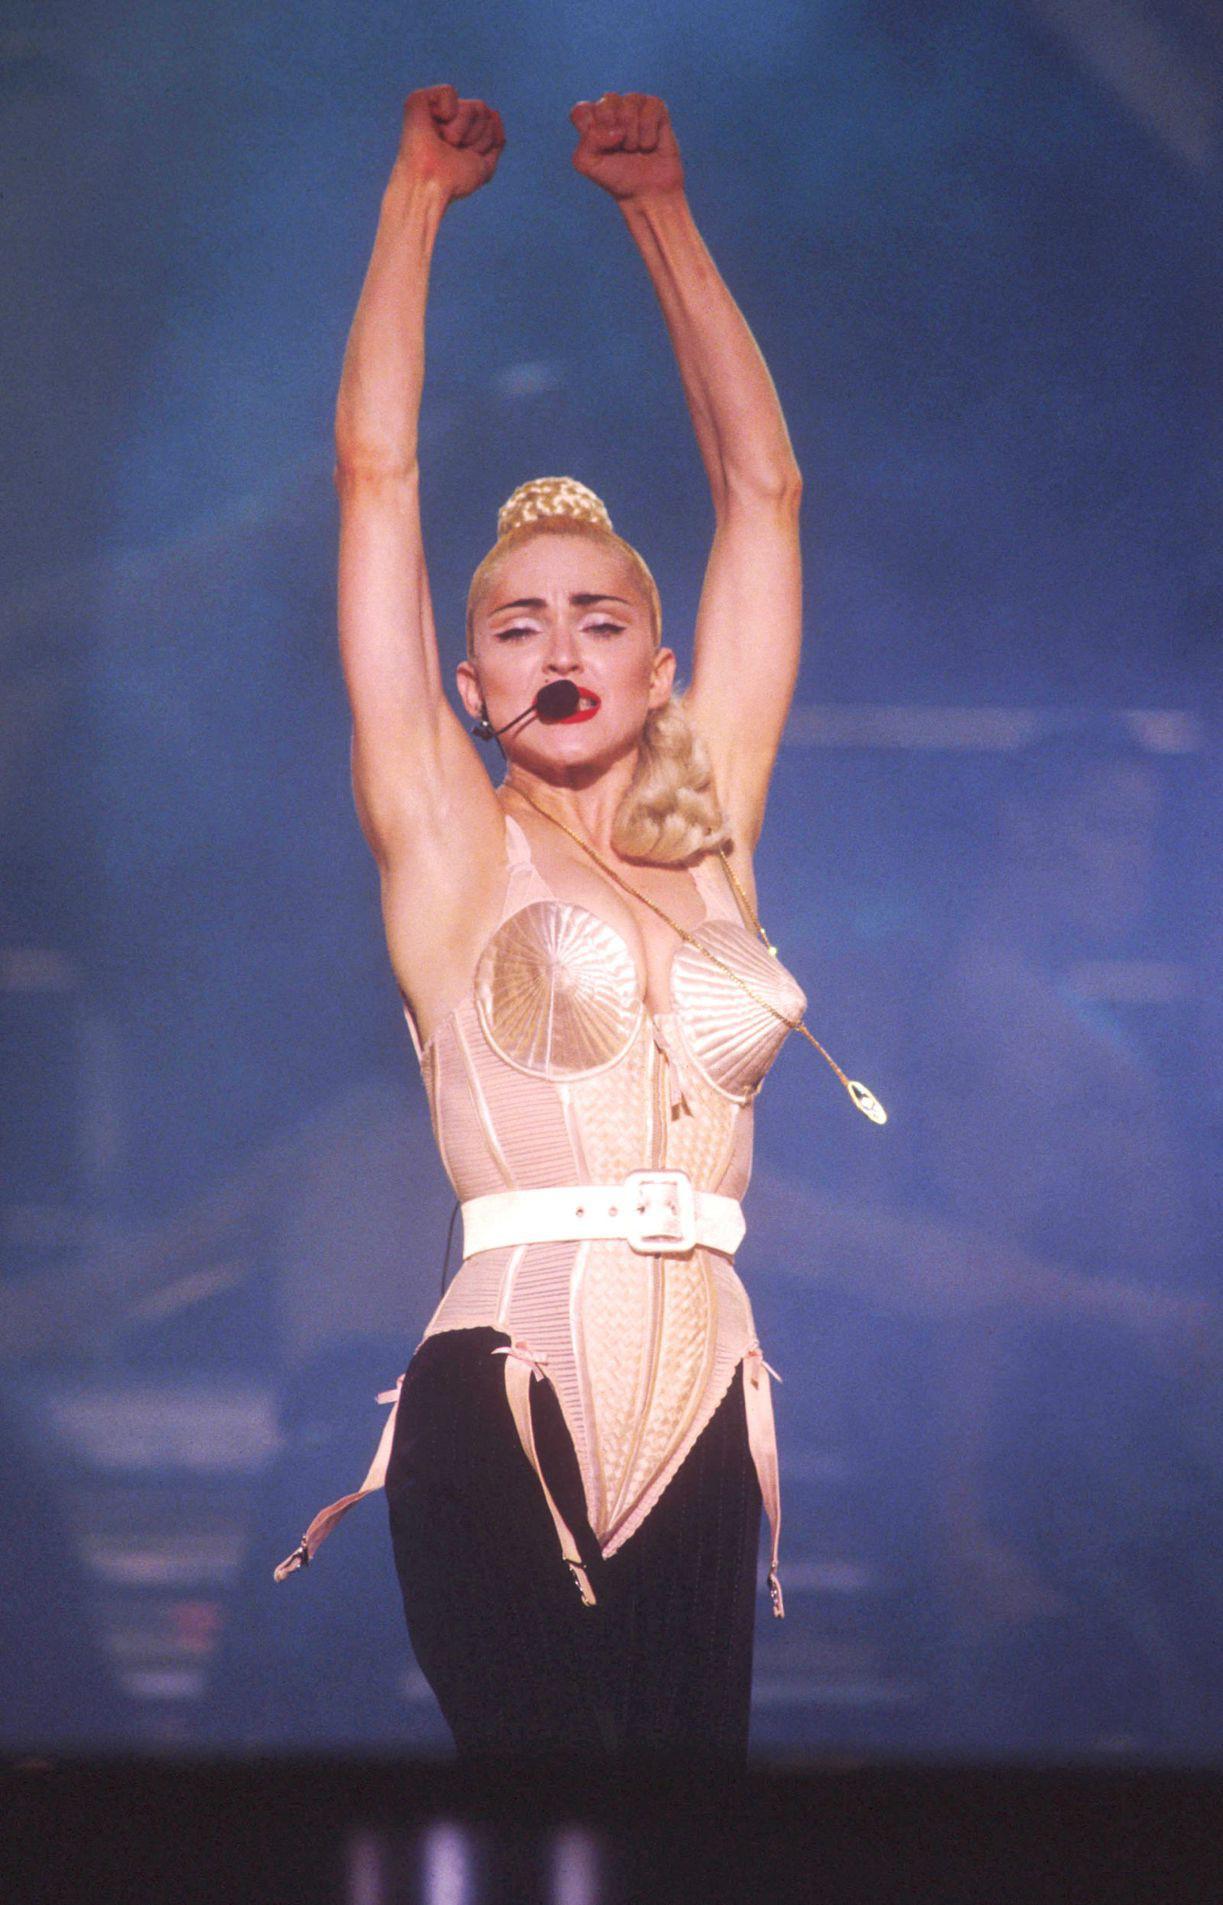 Madonna, một trong những biểu tượng thời trang của thập kỷ 90 vừa để lại ấn tượng khó quên, vừa gây sốc với chiếc bra hình nón do cựu giám đốc sáng tạo của Hermès - Jean Paul Gaultier thiết kế riêng cho cô trong tour diễn Blond Ambition (1990).